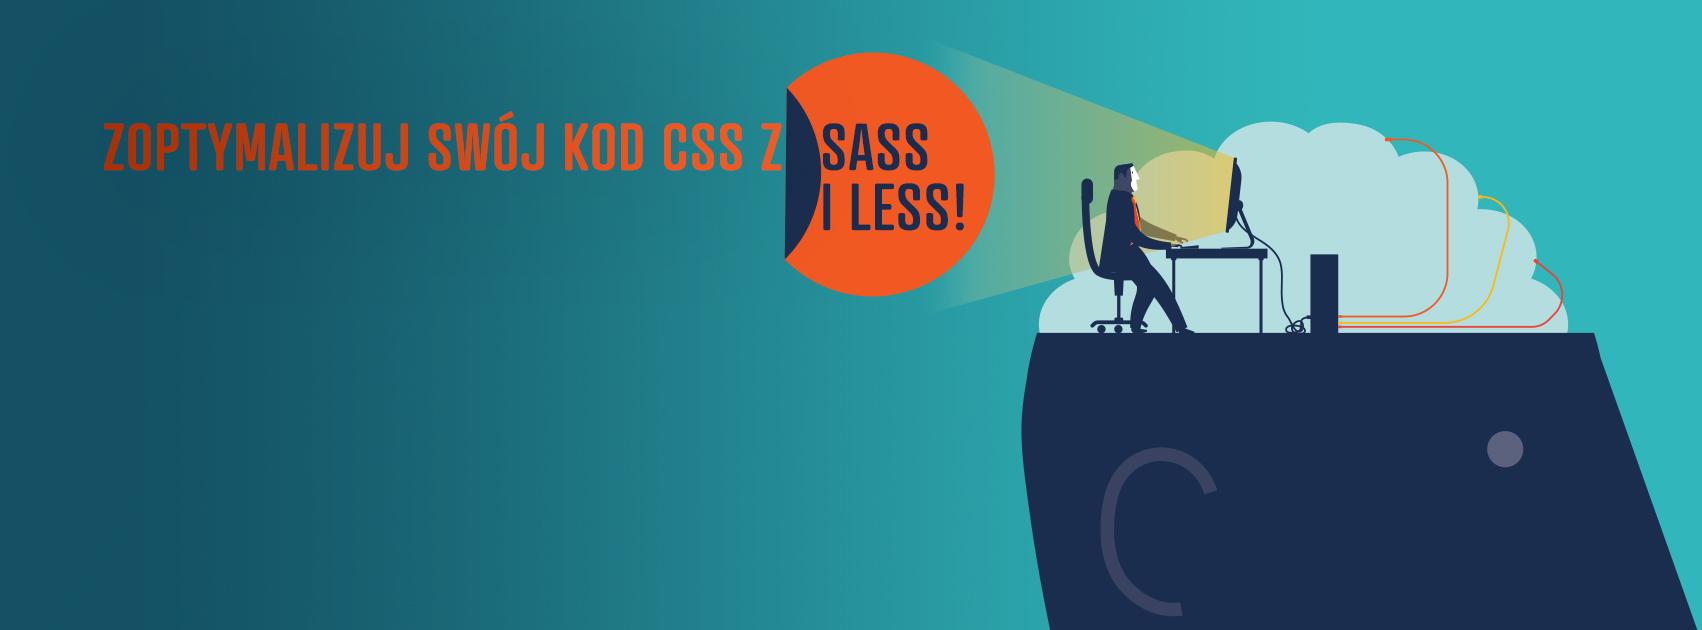 SASS i LESS